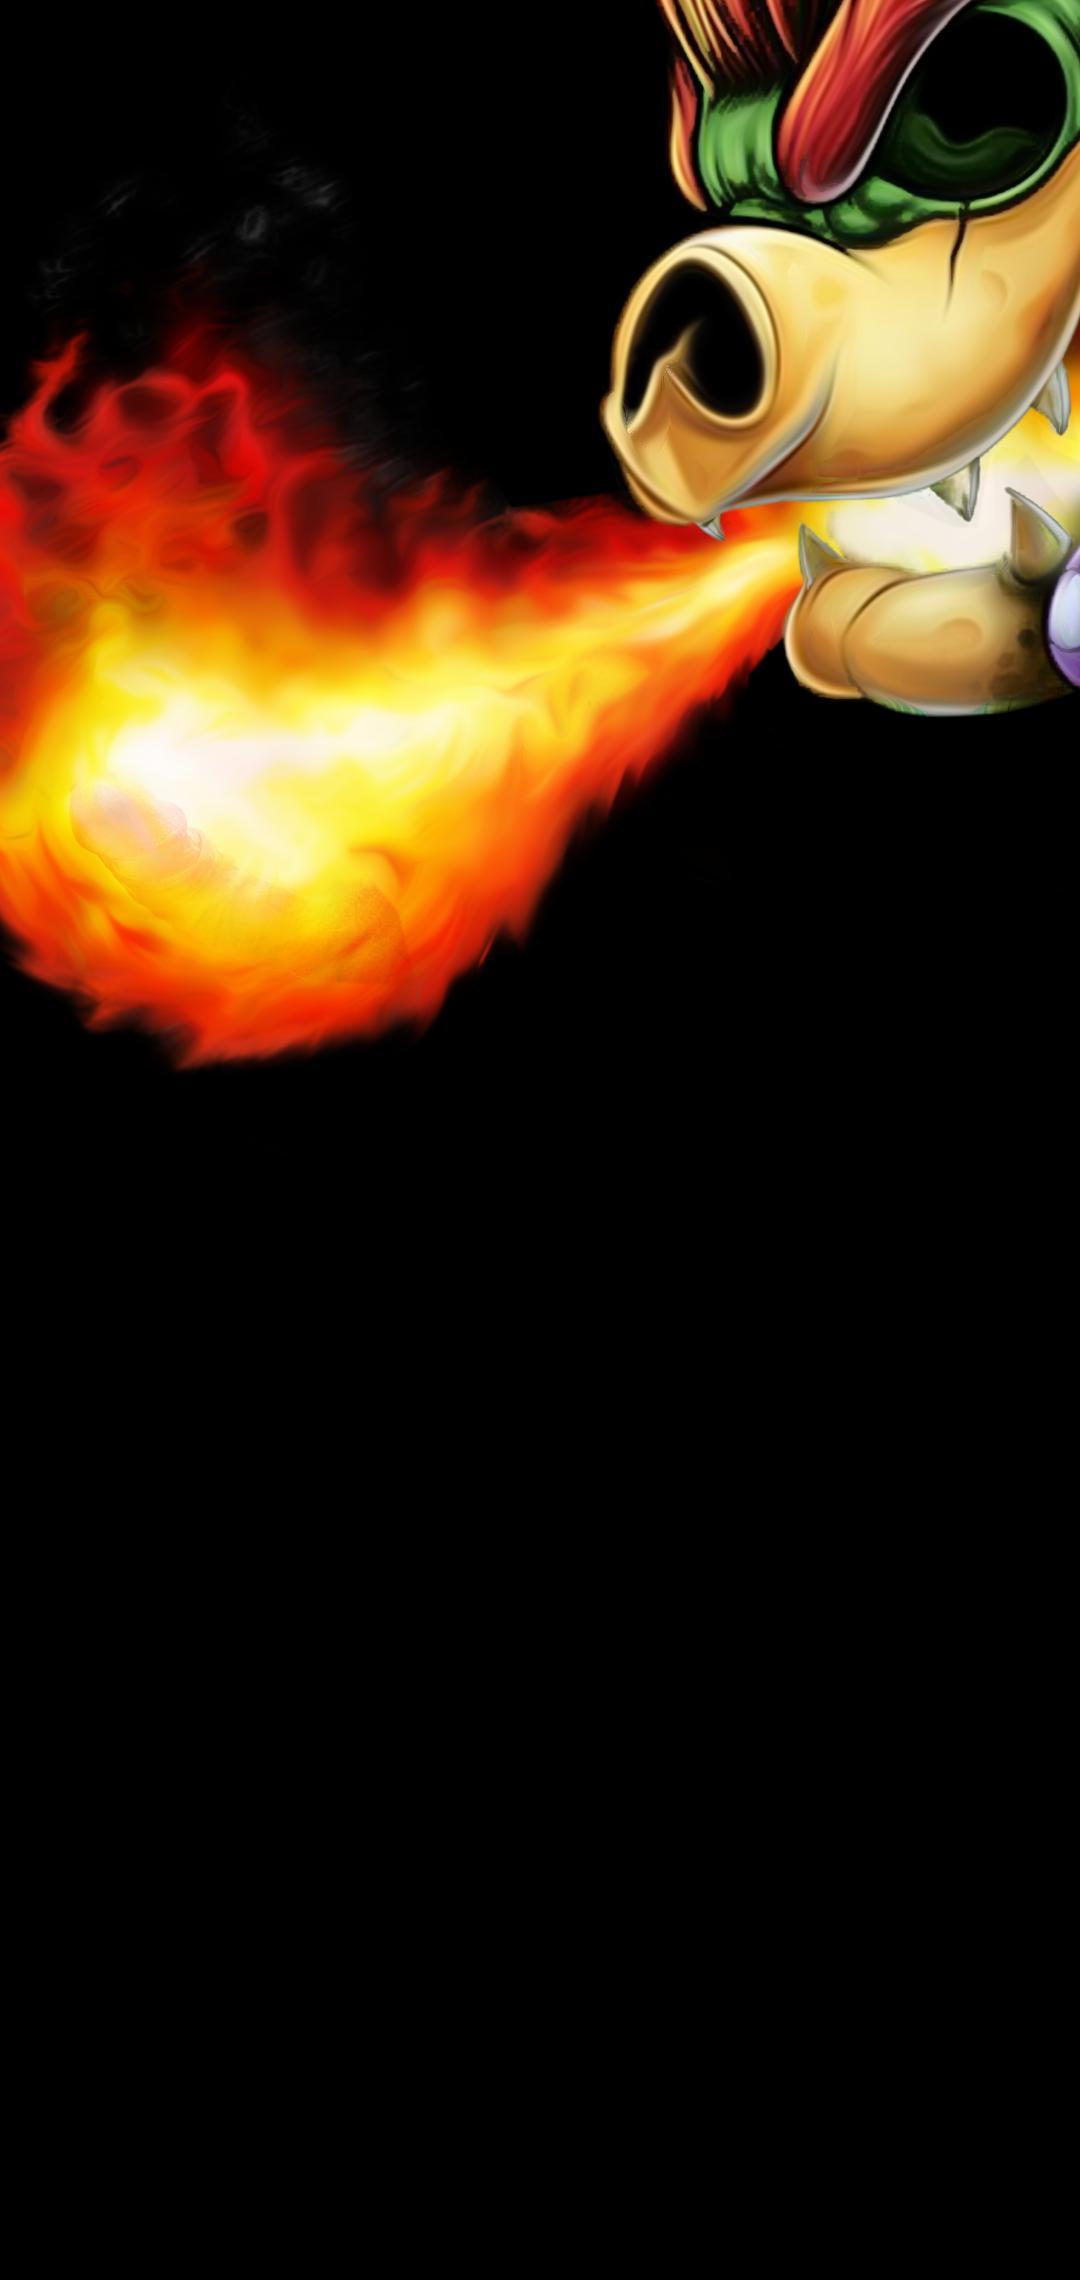 Bowser Mario Bros fondo de pantalla Galaxy S10+